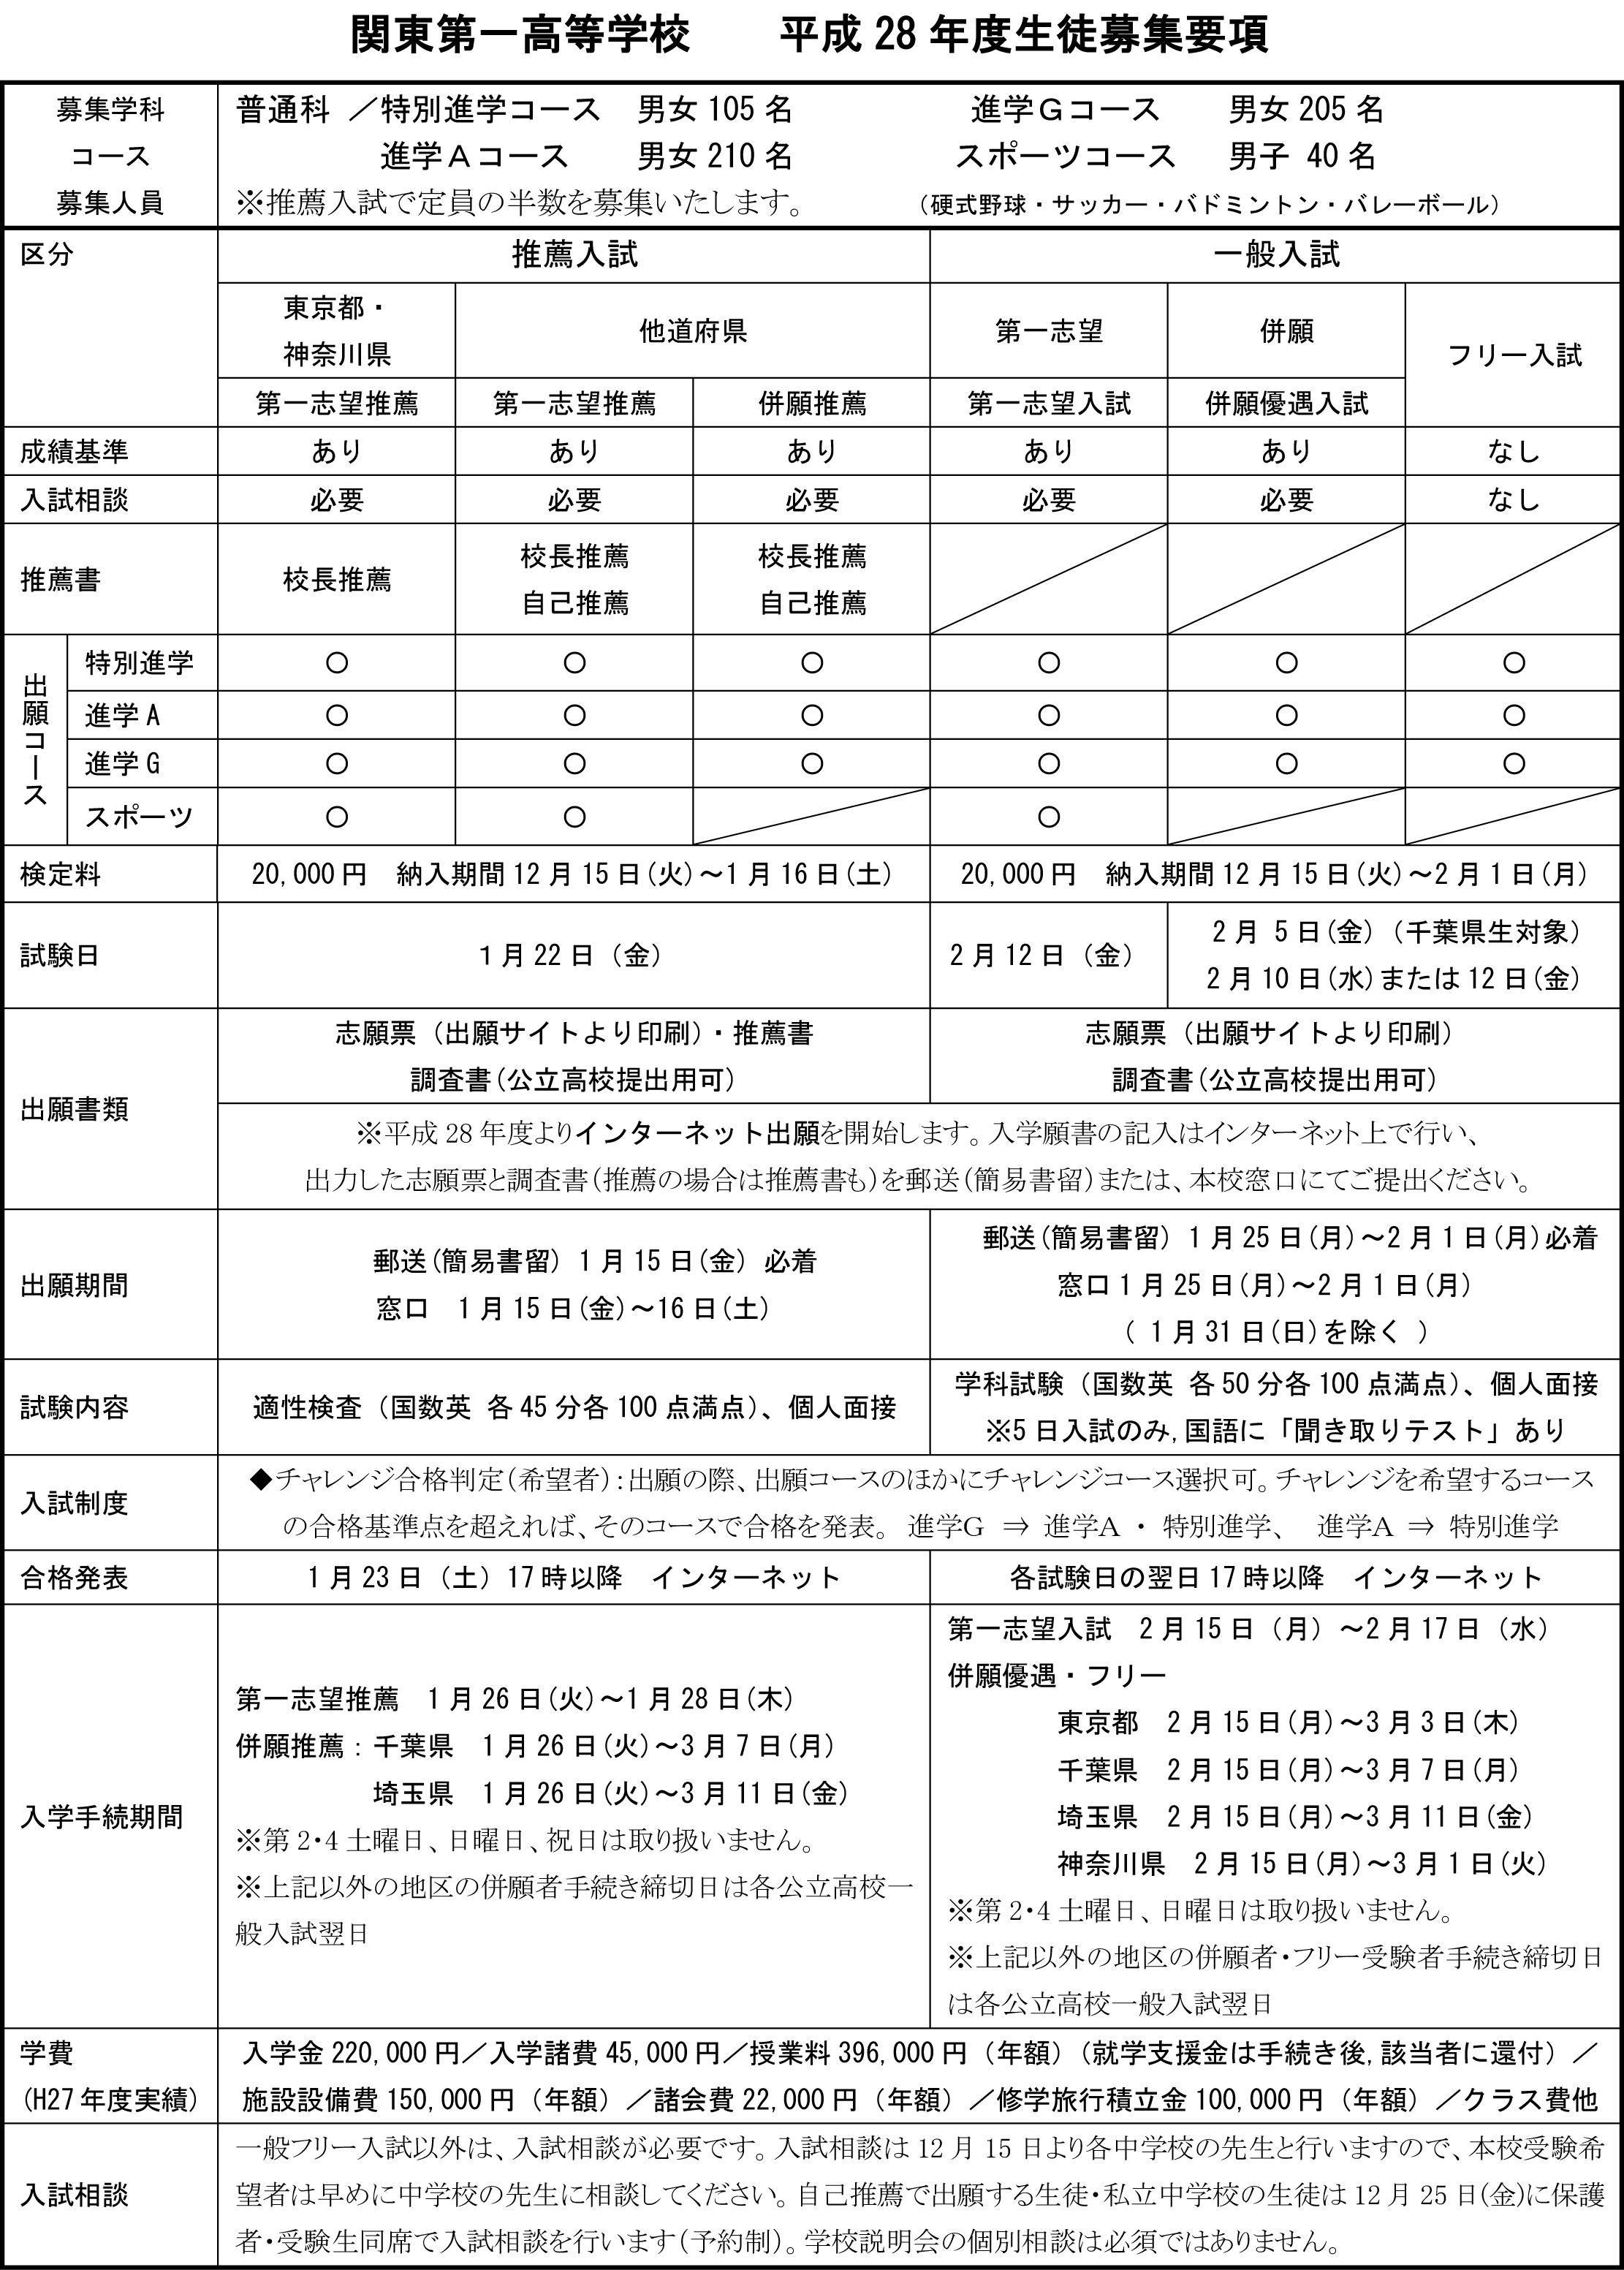 平成28年度生徒募集要項抜粋2015